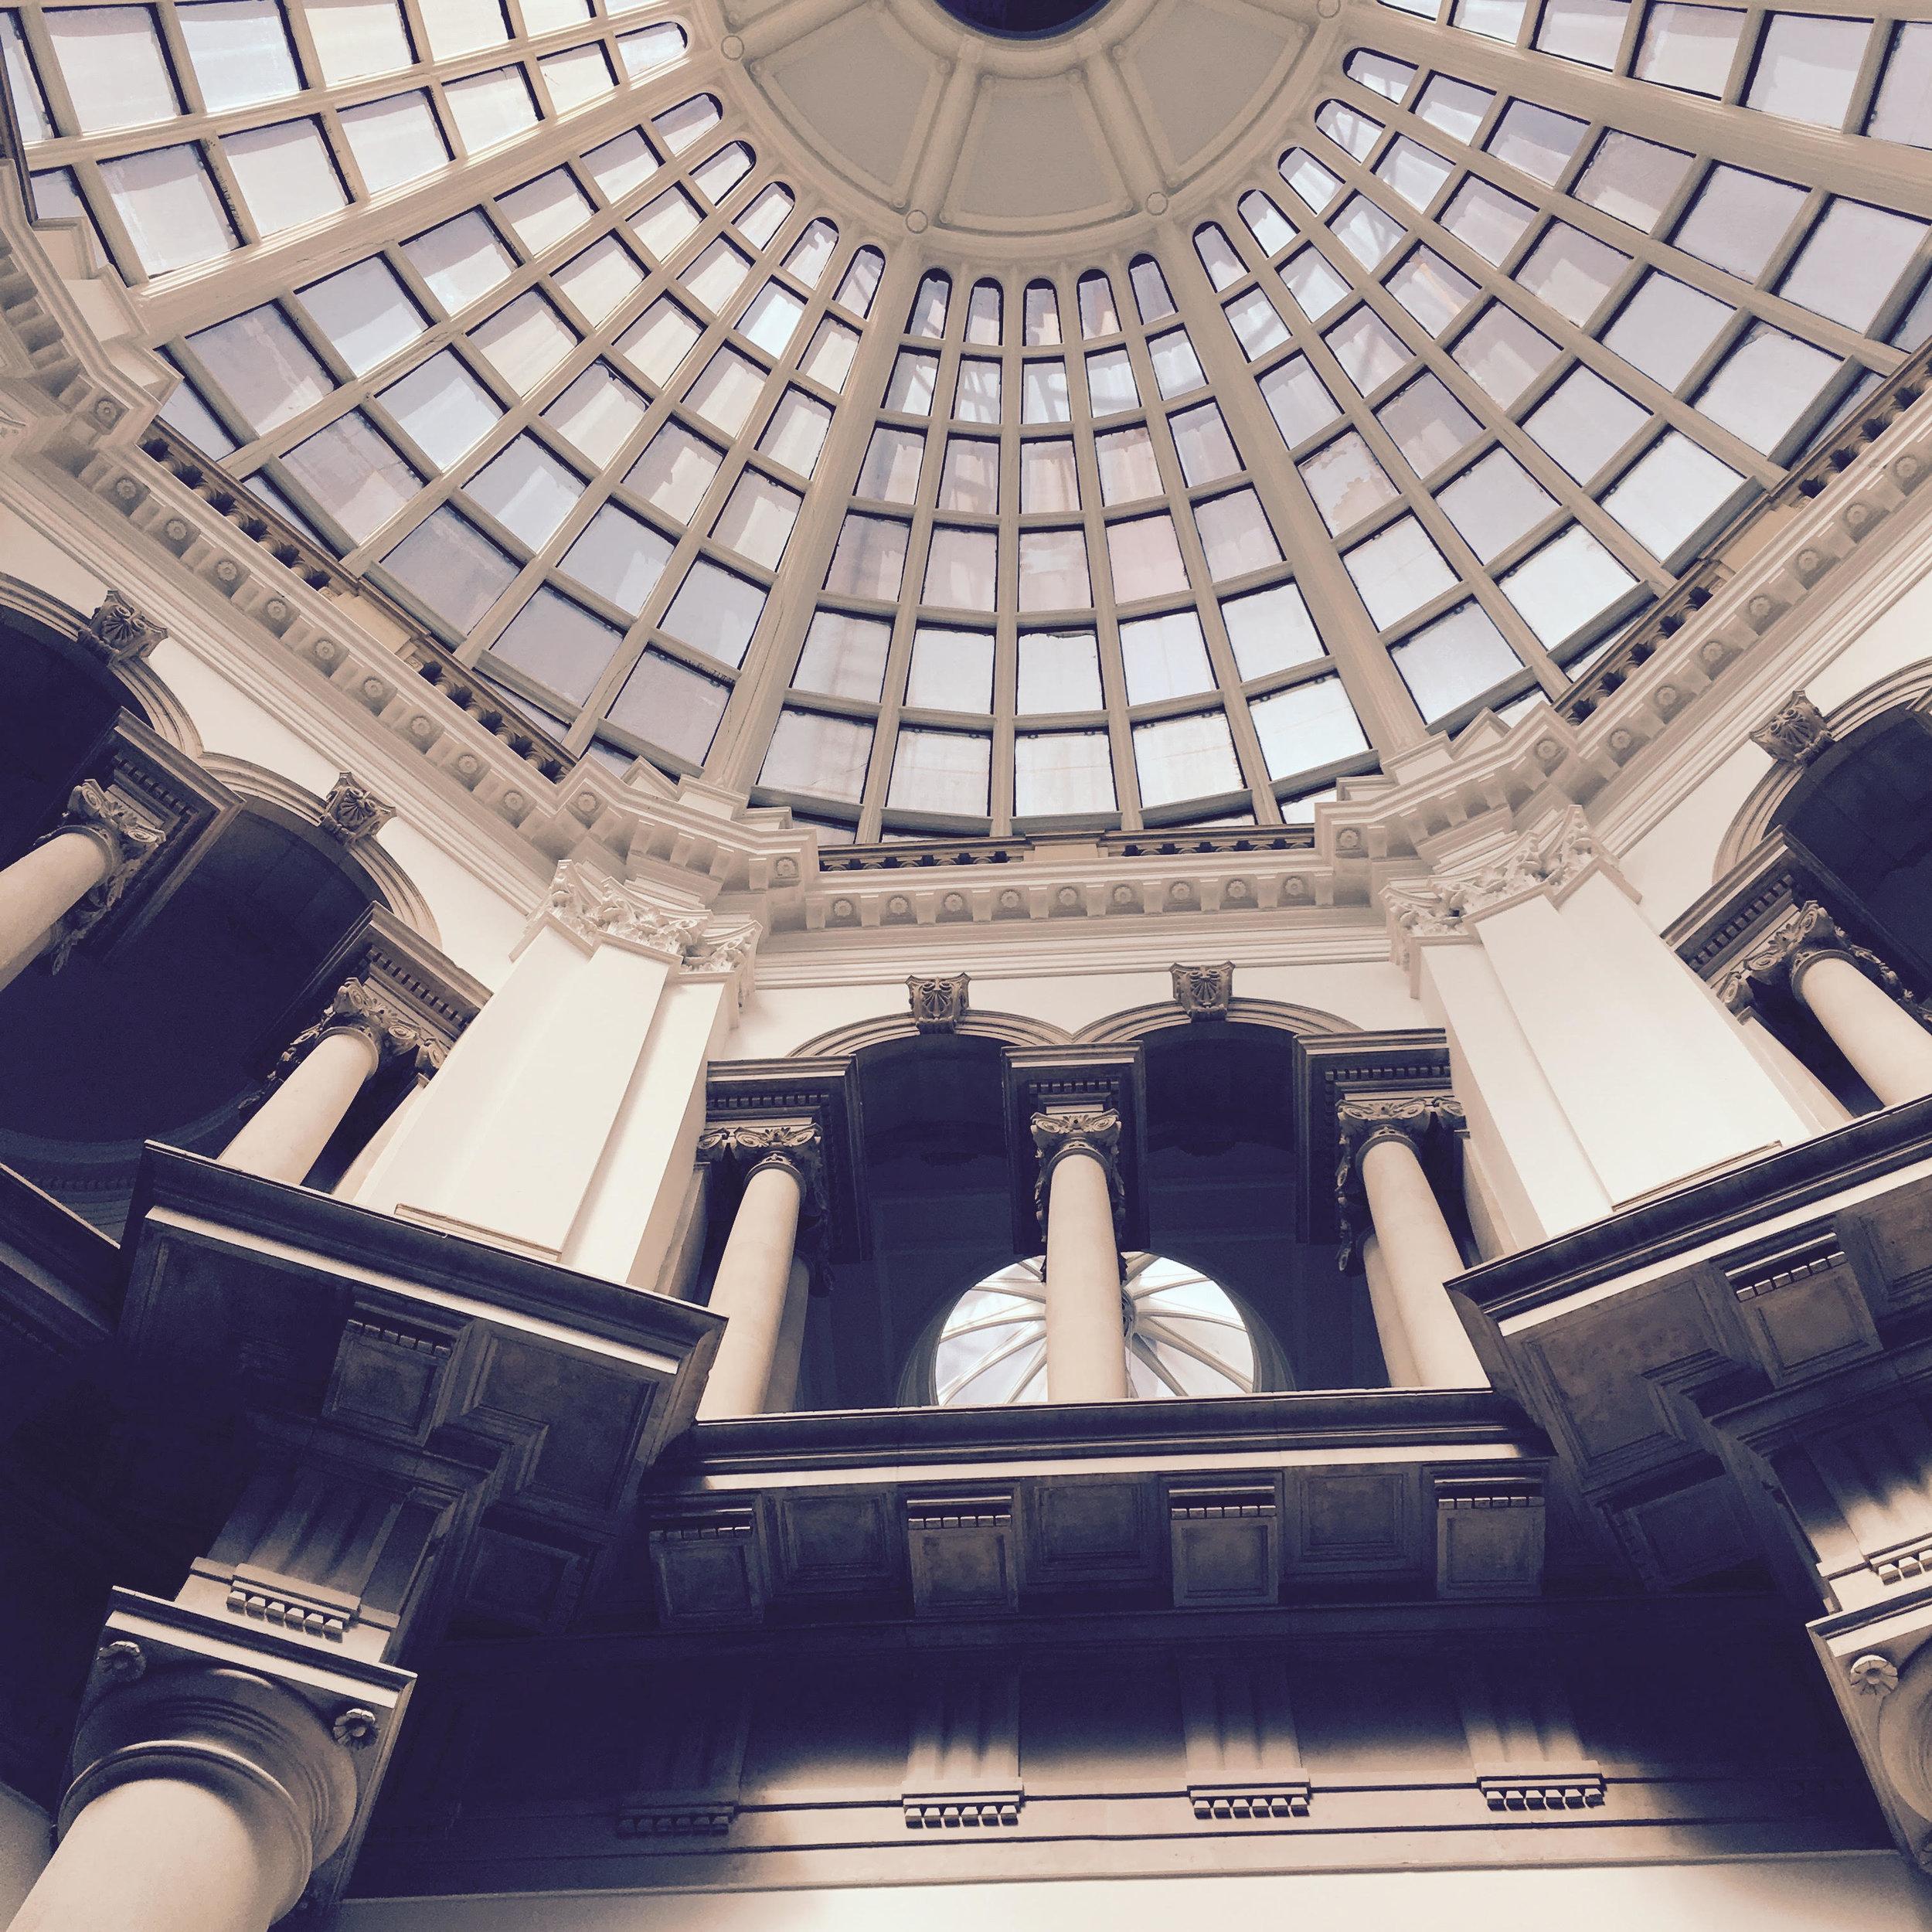 Tate Britain Ceiling